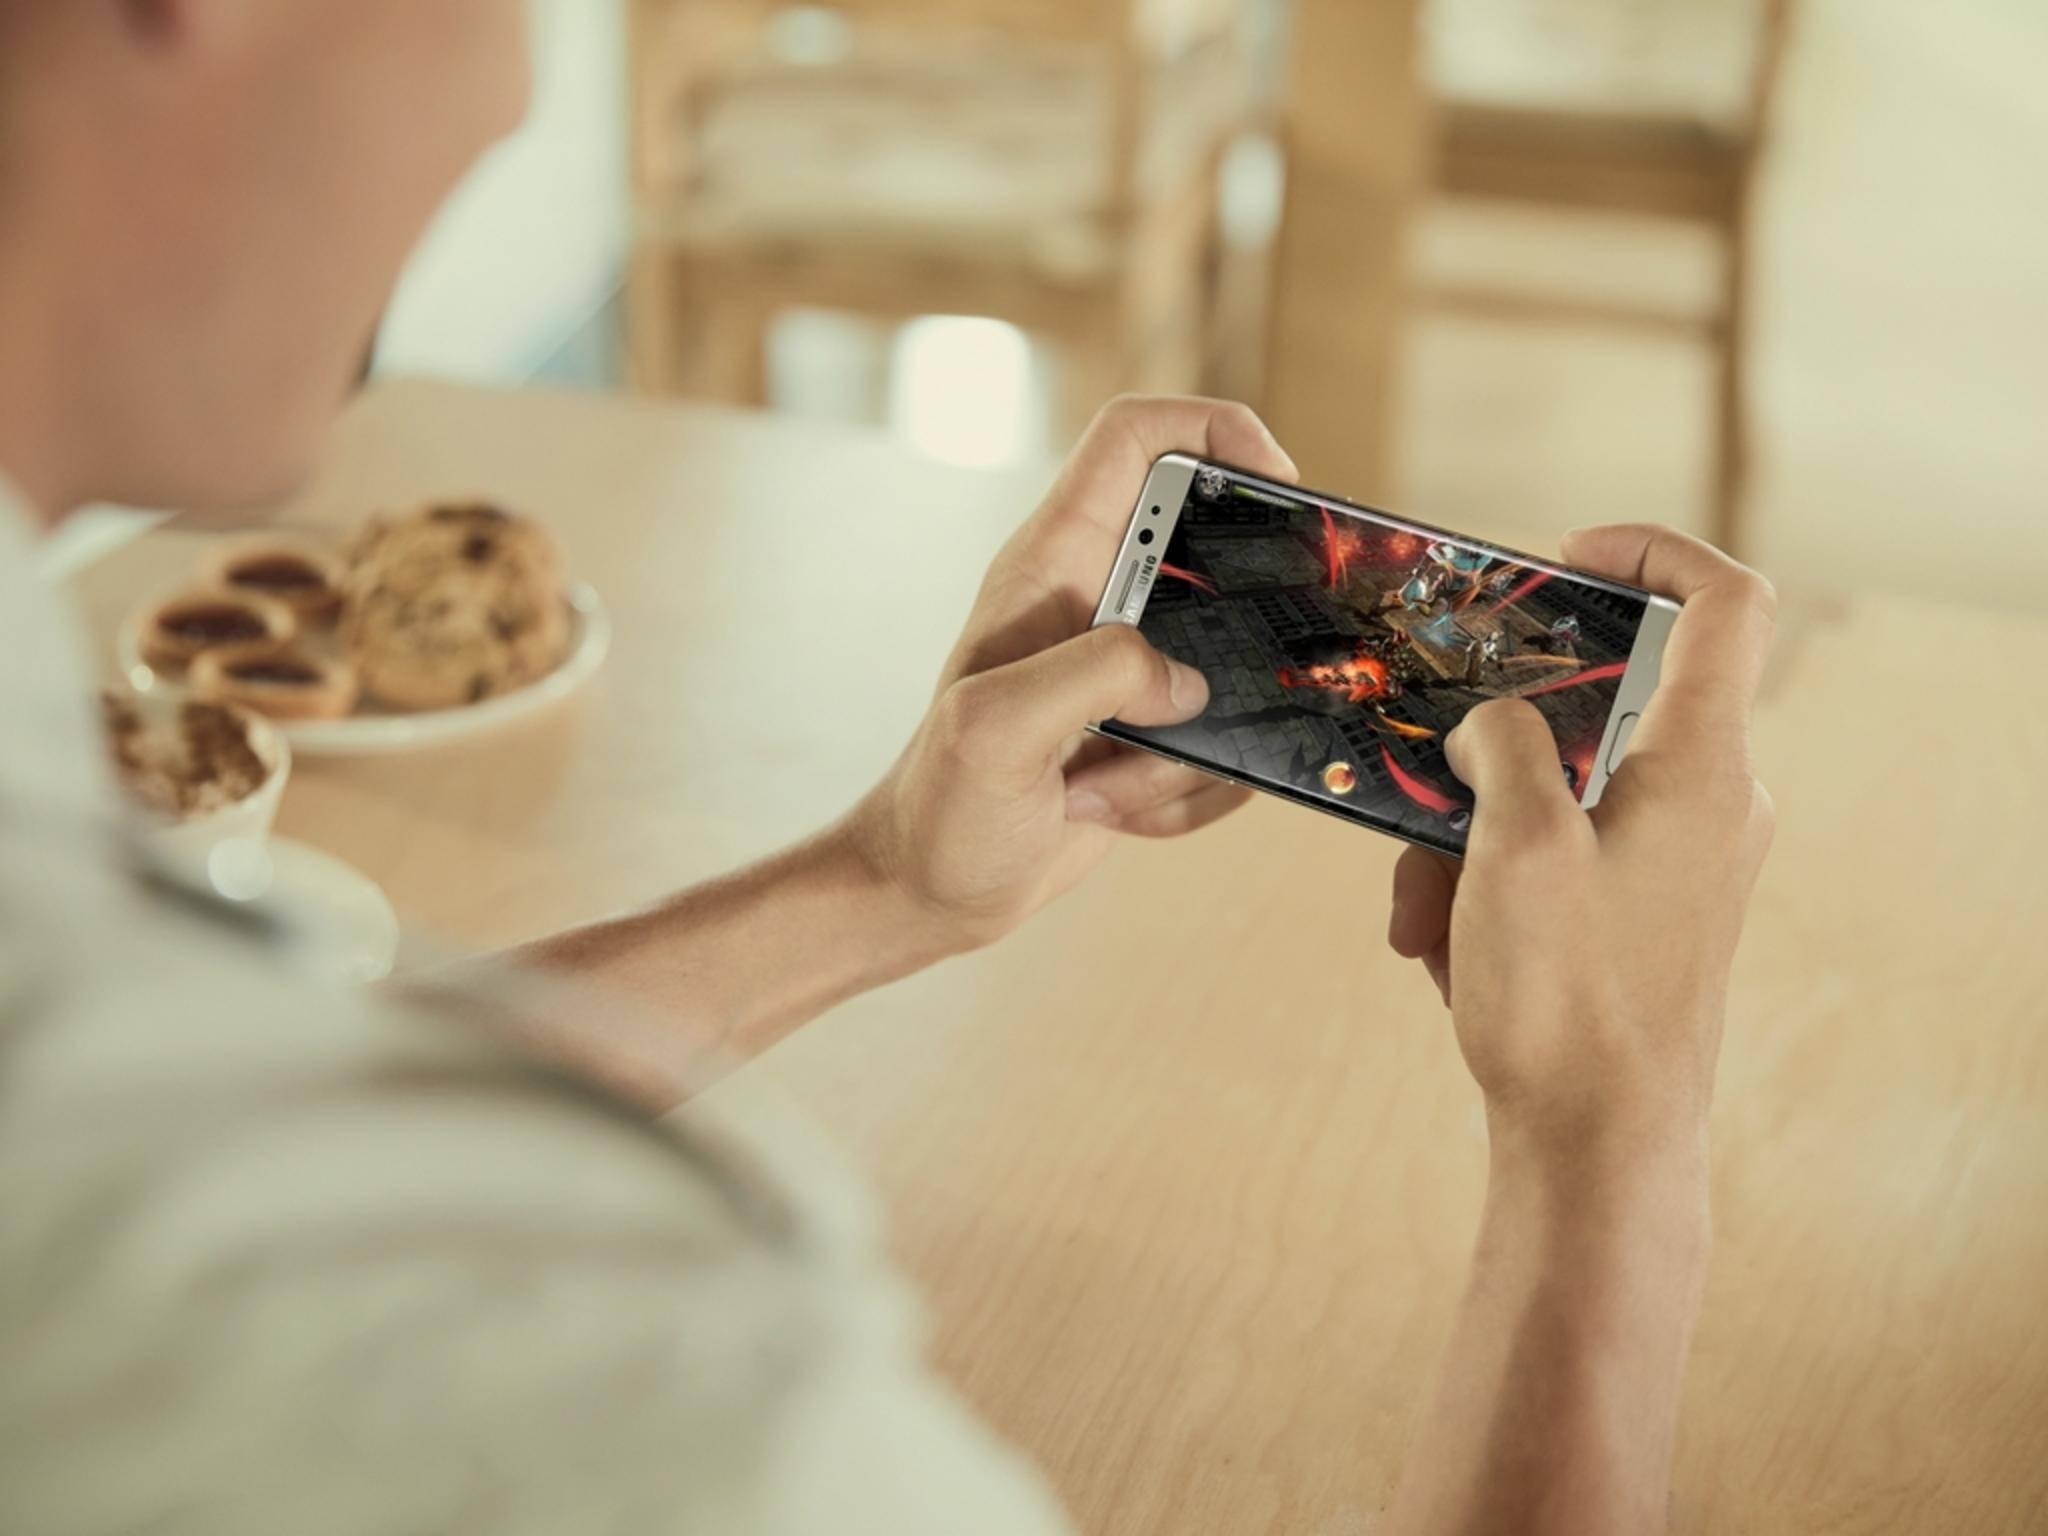 Das Galaxy Note 7 ist zurück – zunächst jedoch nur in Südkorea.